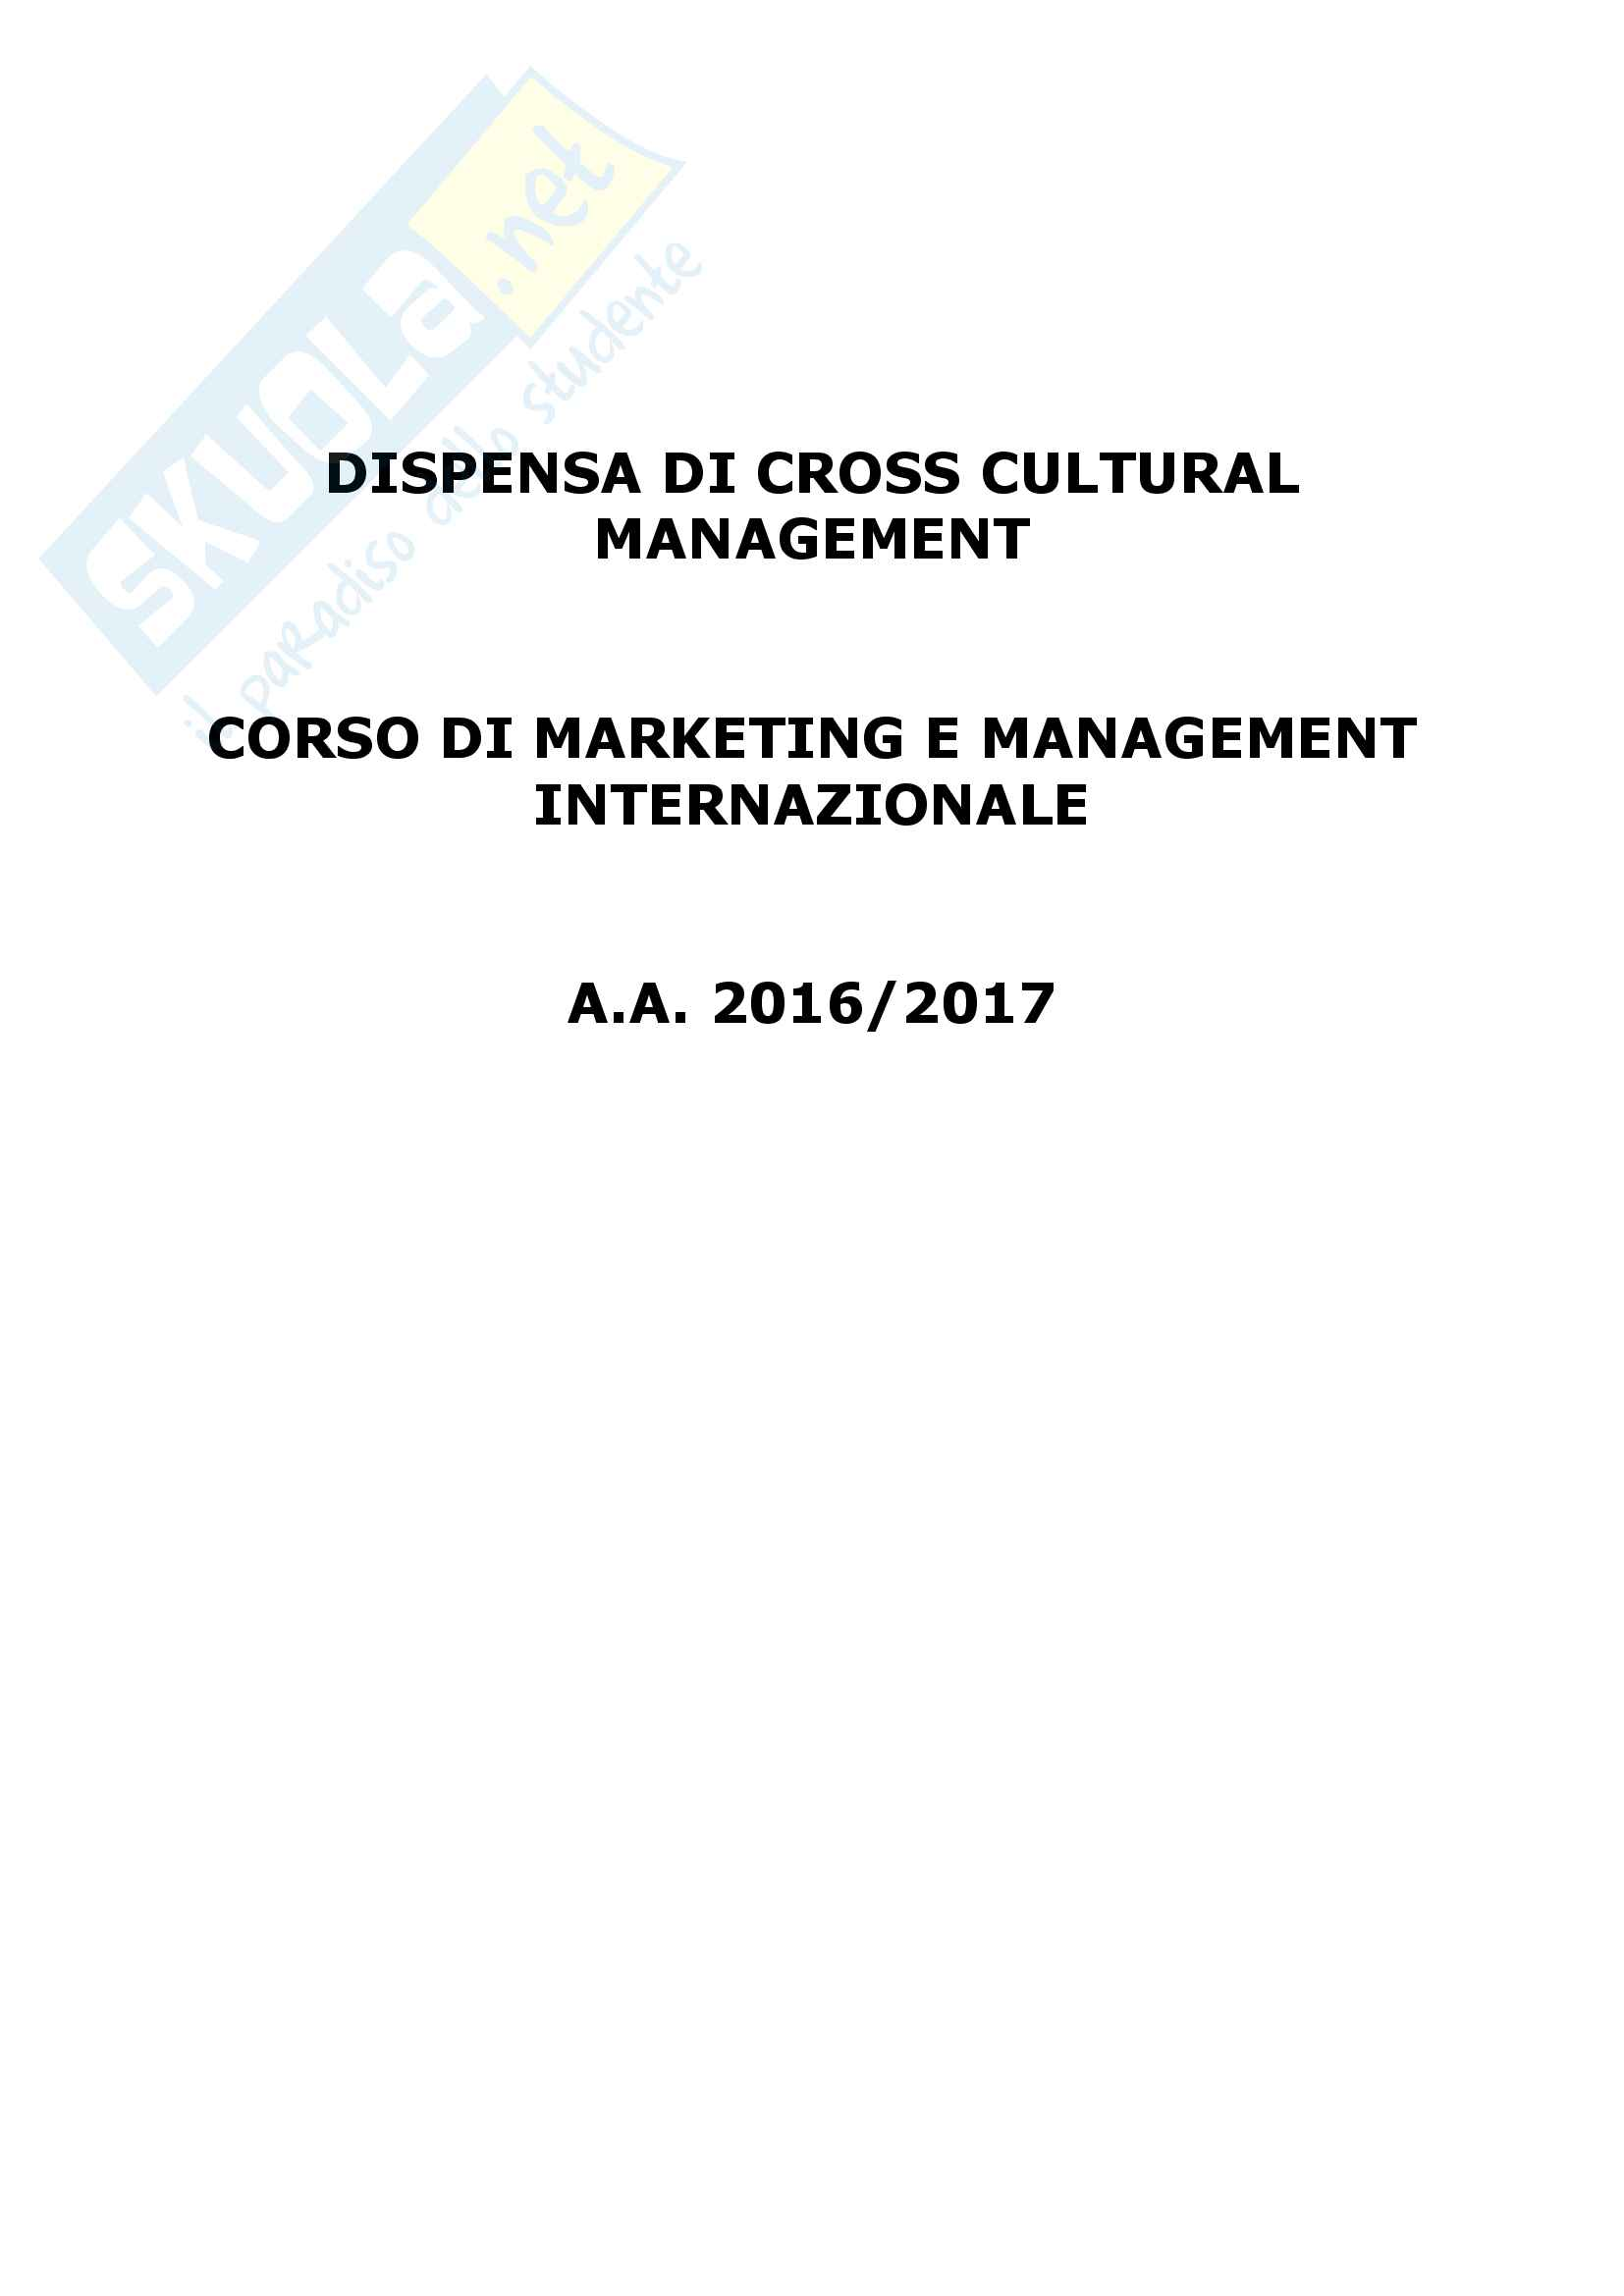 Riassunto esame di Cross cultural management, prof. Cannavale, libro consigliato Competenze culturali ed internazionalizzazione delle imprese, Cannavale